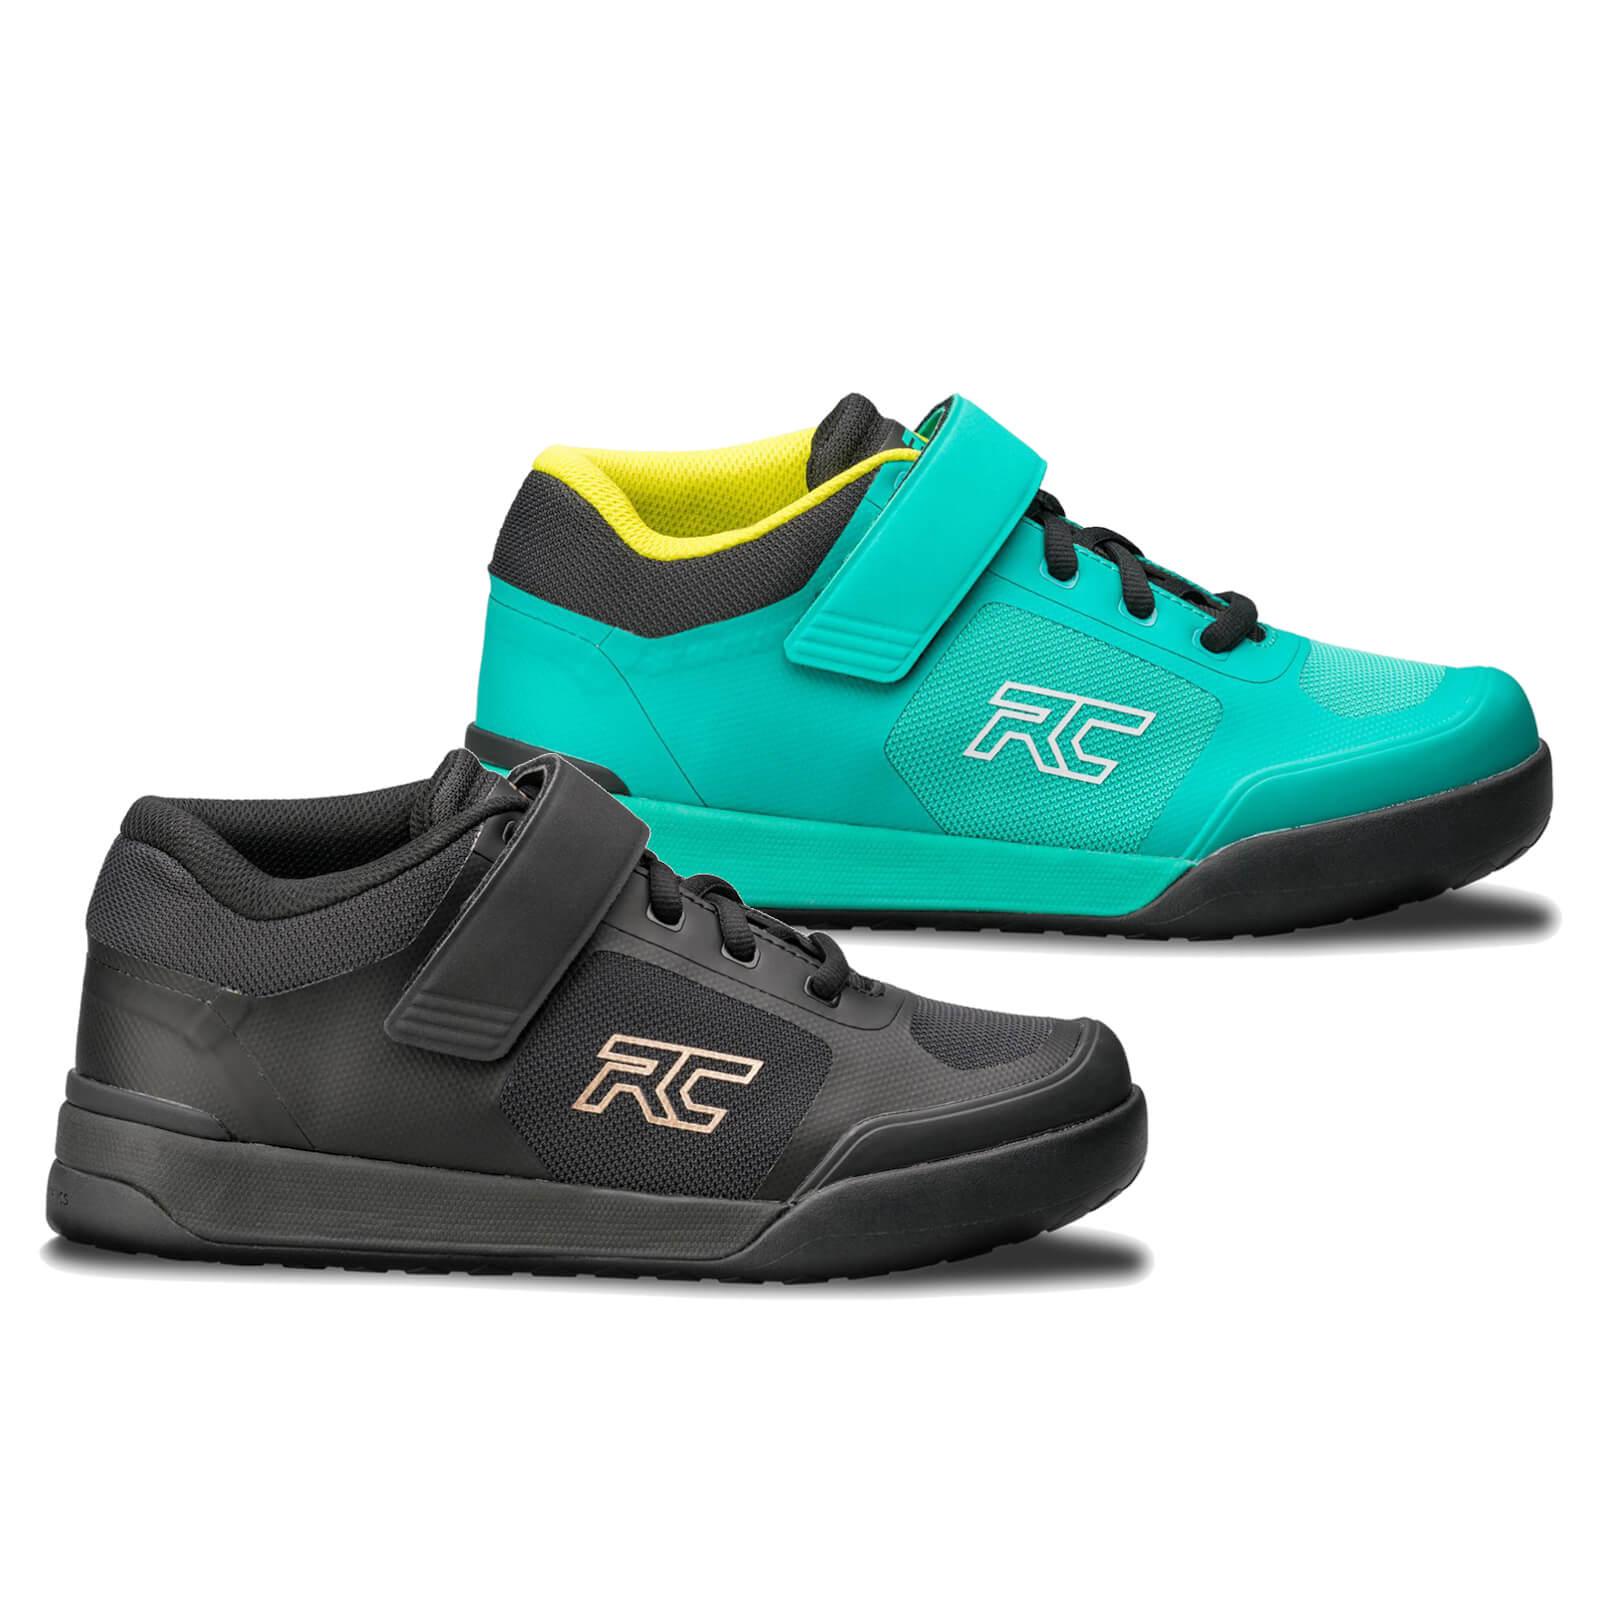 Ride Concepts Women's Traverse SPD MTB Shoes - UK 5/EU 36 - Teal/Lime